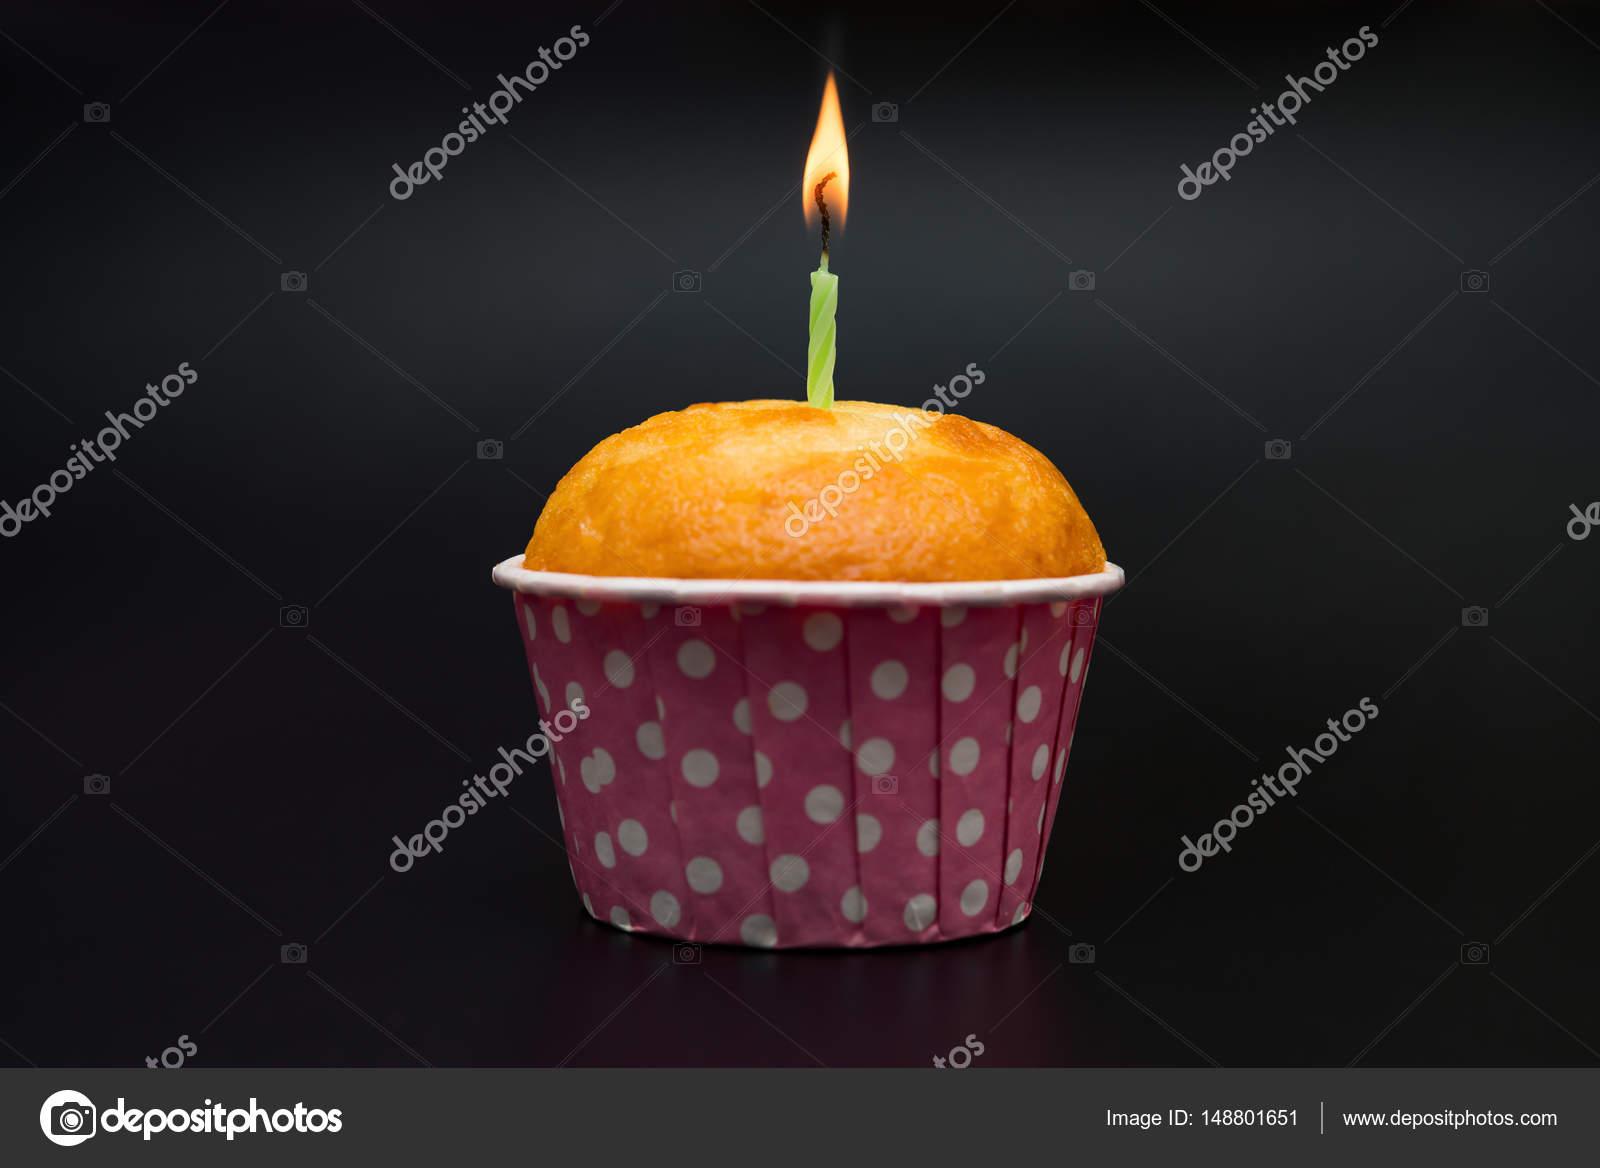 gâteau d'anniversaire fait maison avec combustion bougie sur un fond